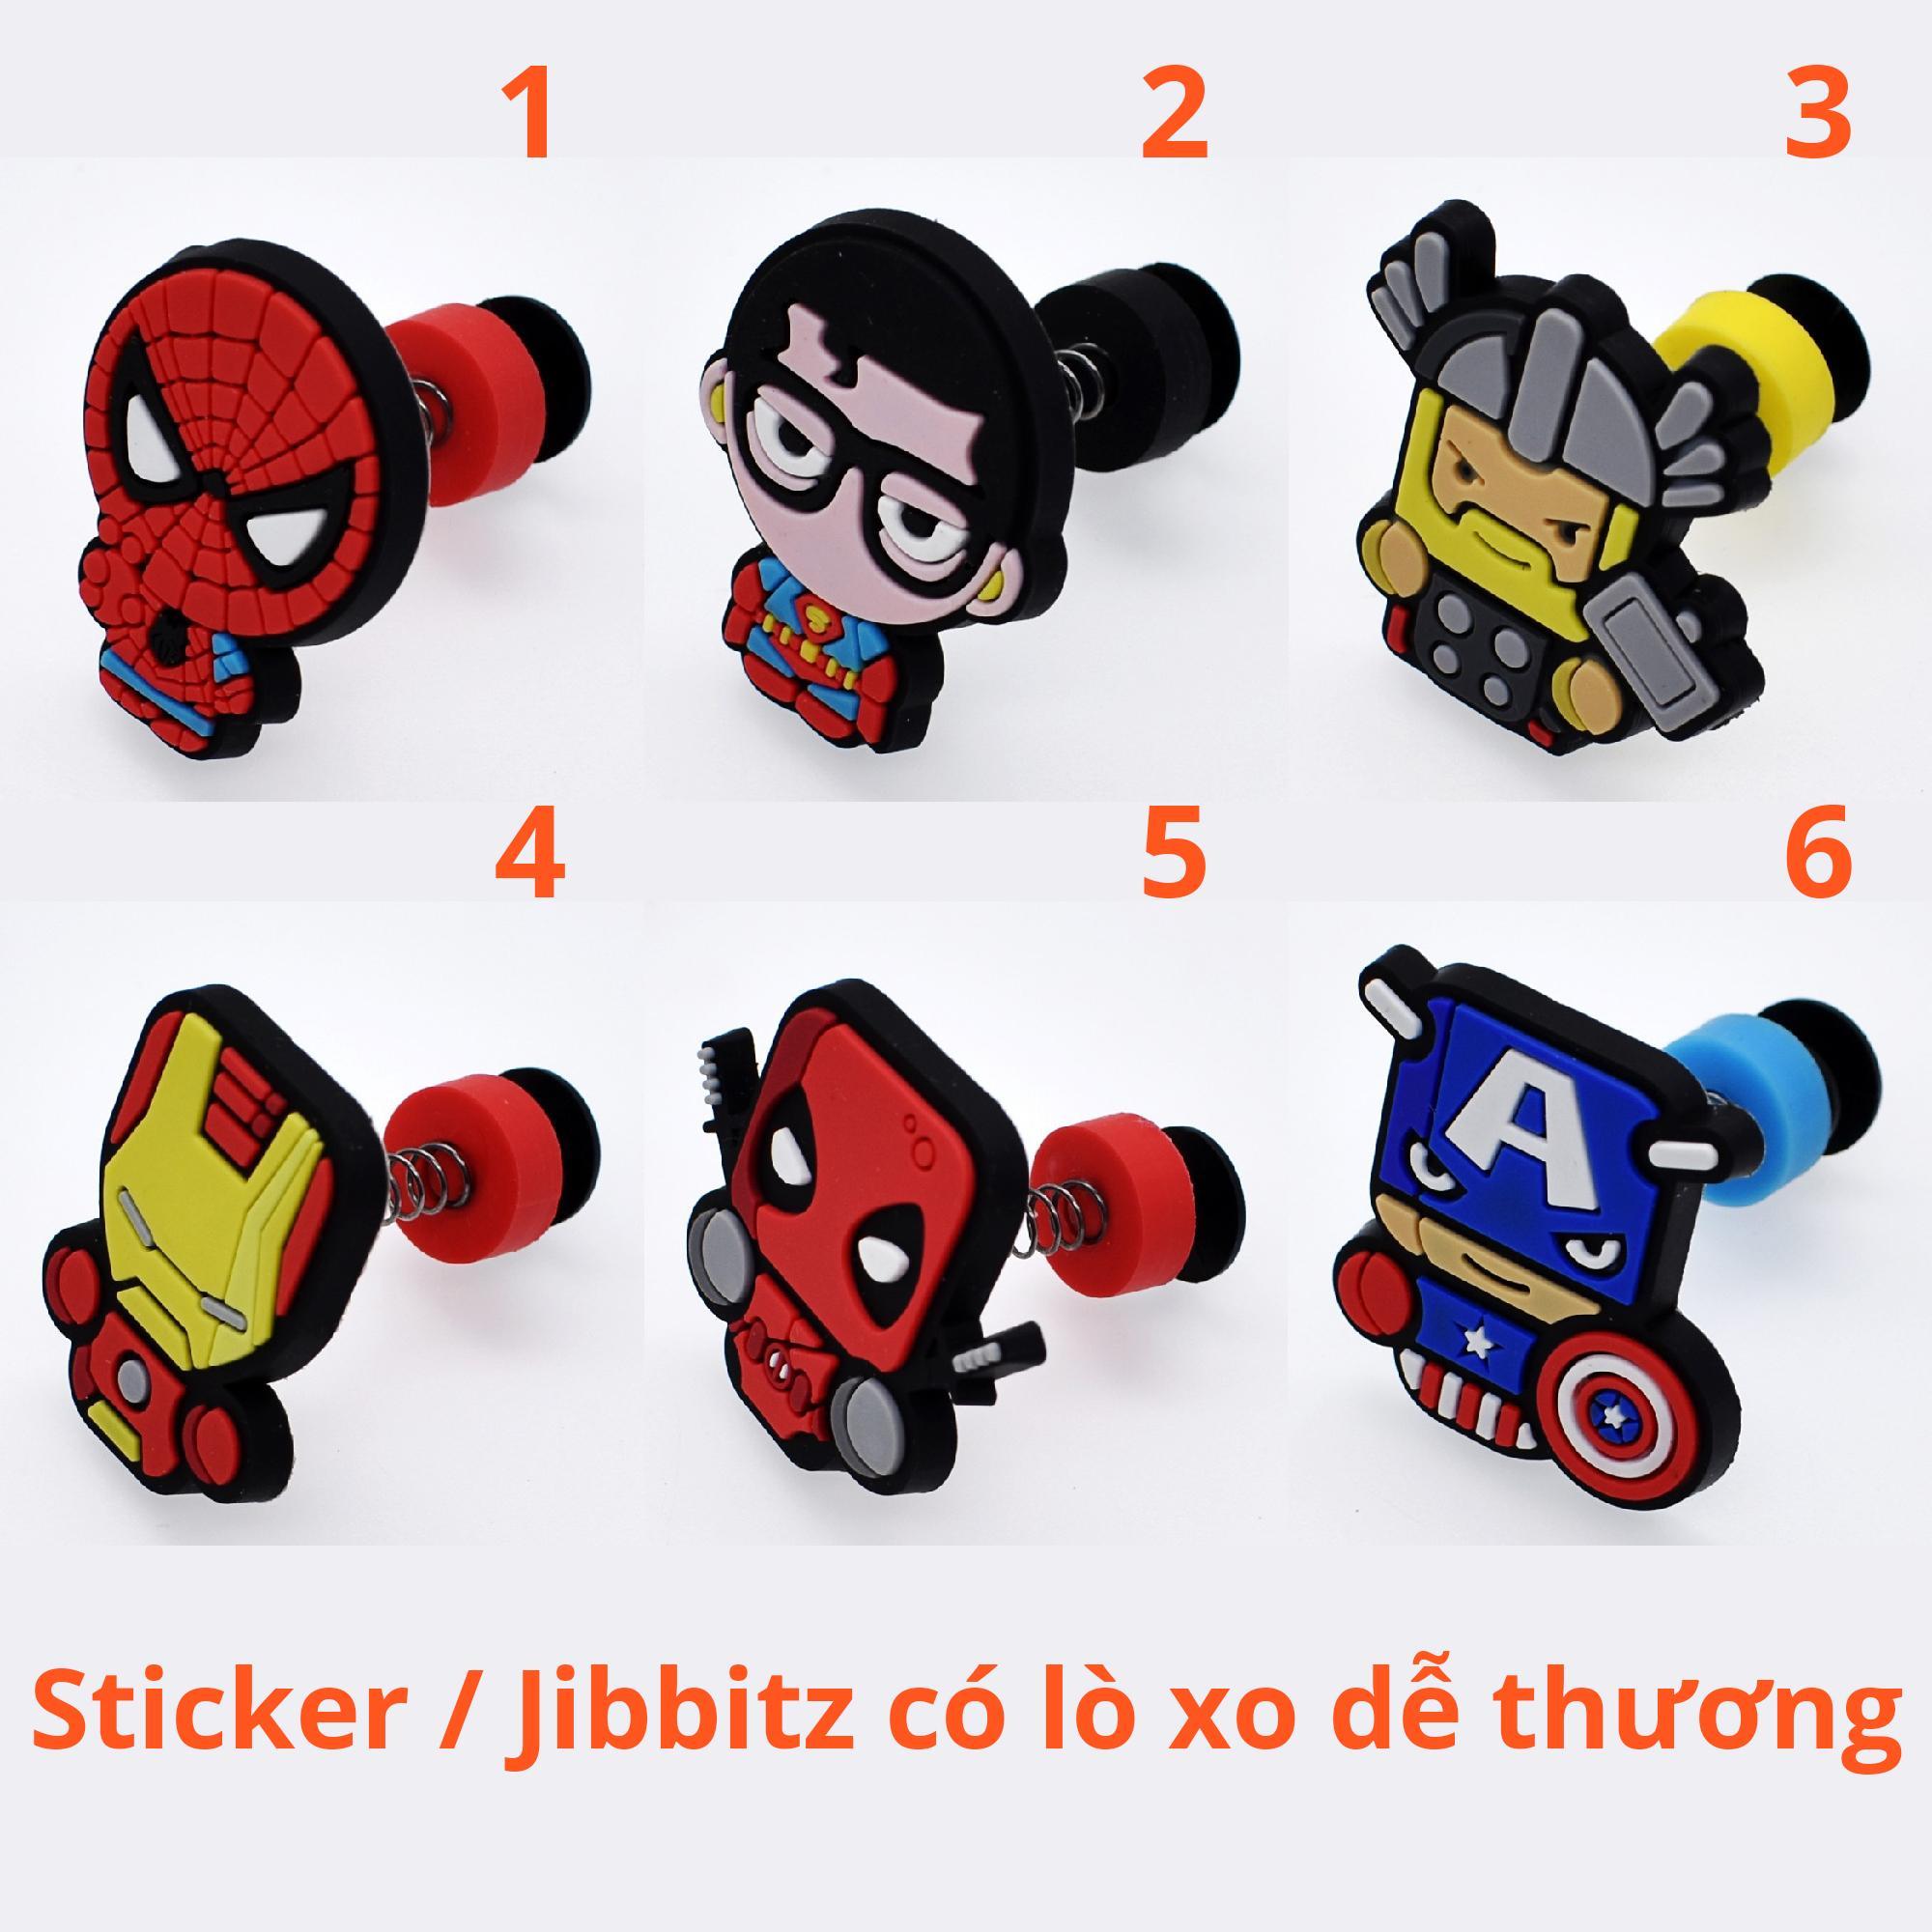 [CÓ VIDEO CLIP THẬT] Sticker / Jibbitz Lò xo Marvel, Siêu anh hùng Gắn Dép Crocs, Cross, Satihu, Dép Sục Nhật Bản